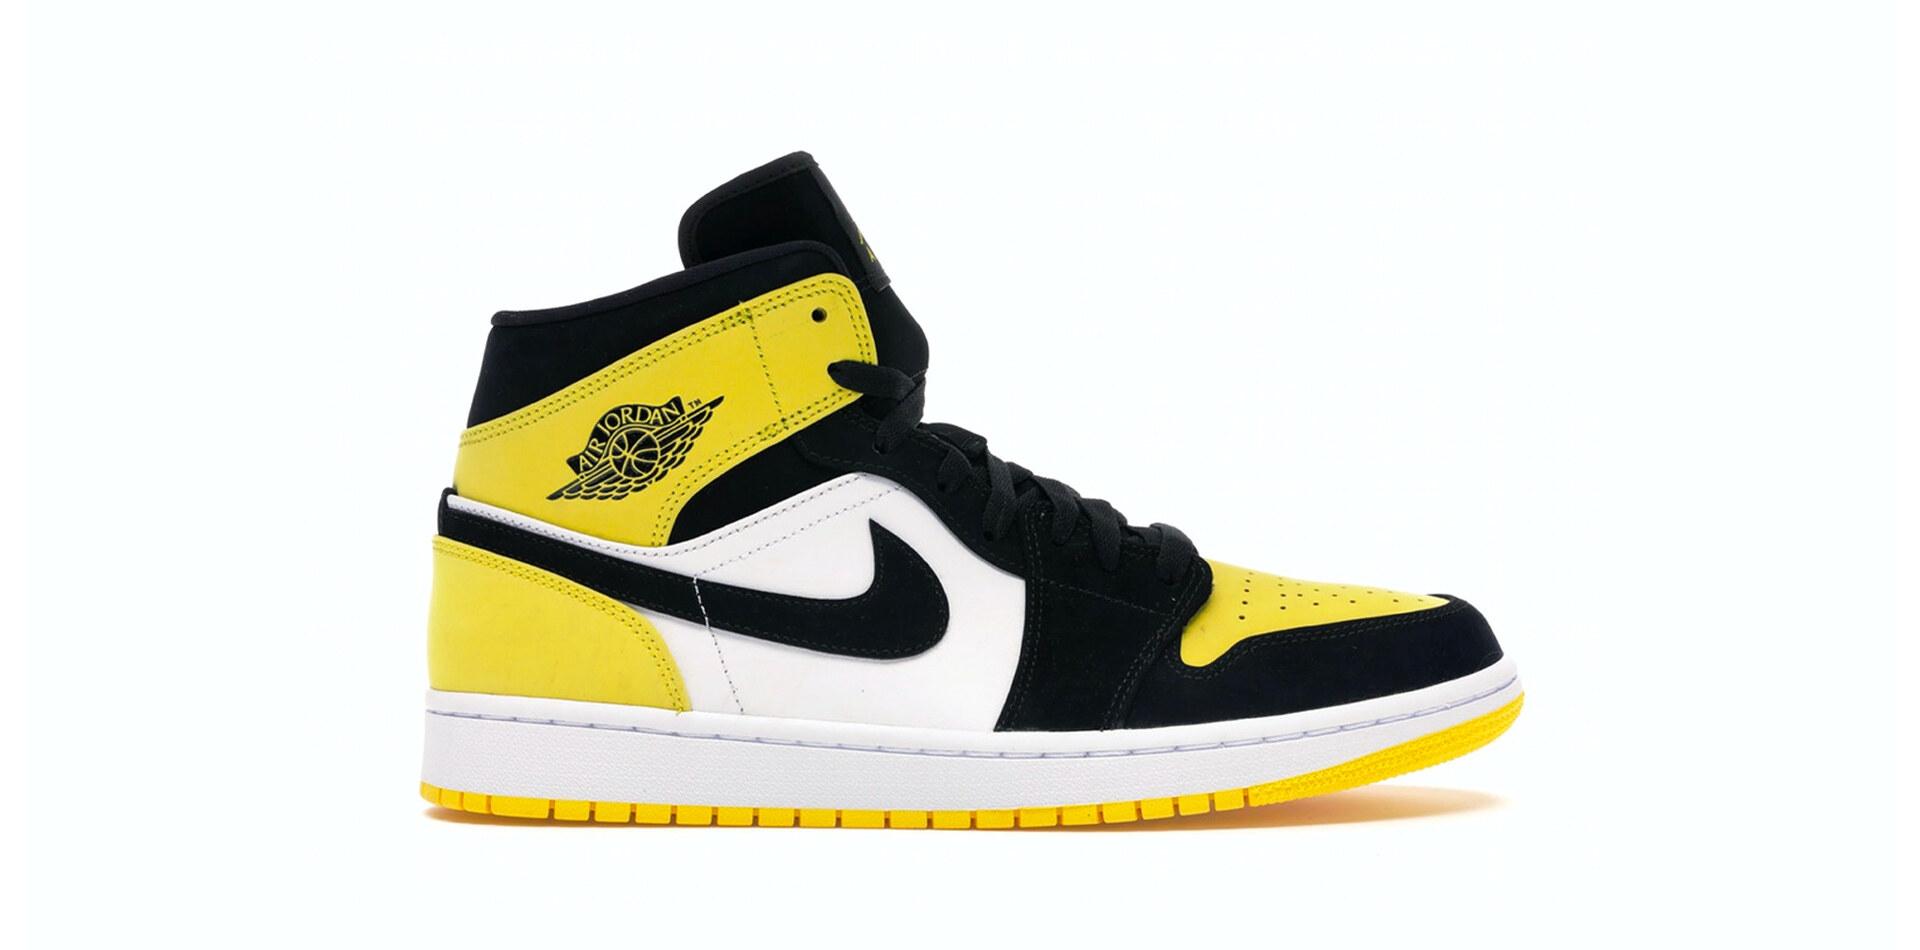 Air Jordan 1 Mid Yellow Toe